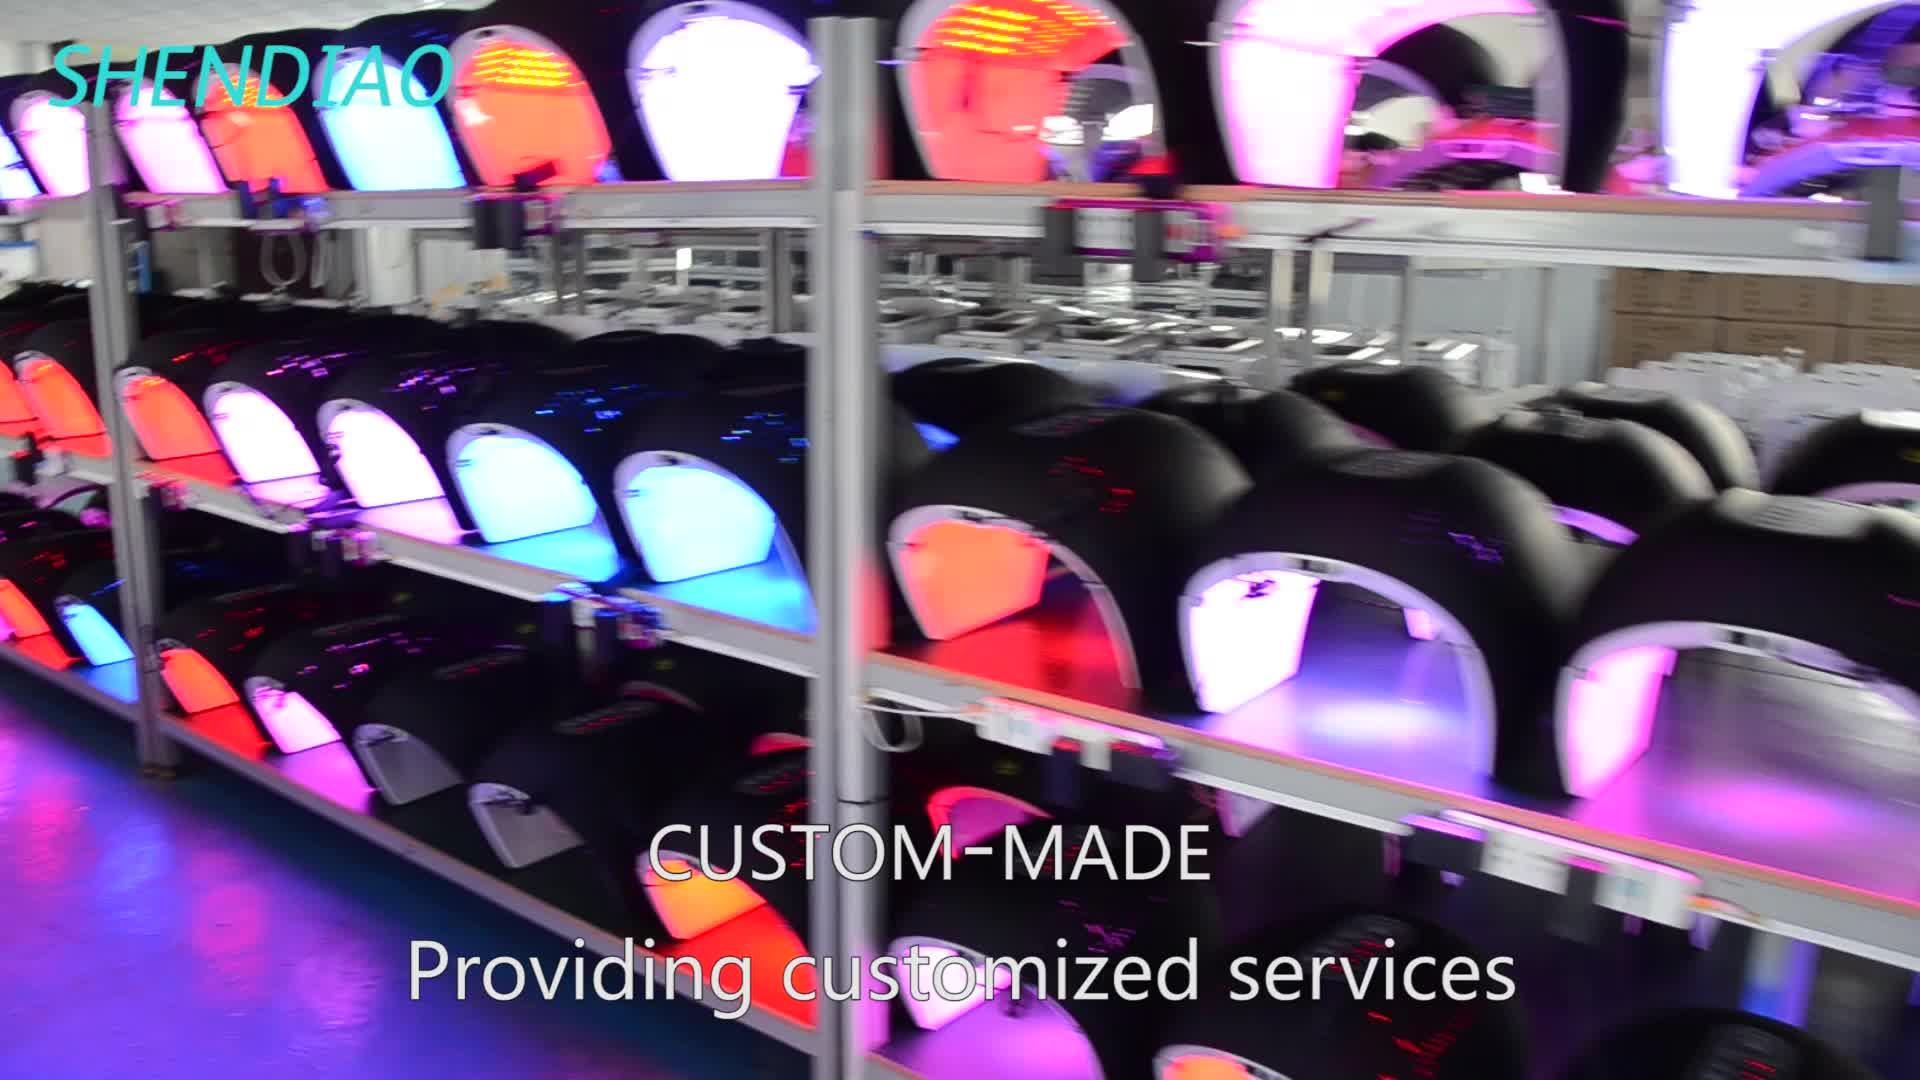 La migliore vendita di prodotti macchina di bellezza PDT ha condotto la luce rossa faccia terapia lontano infrarosso